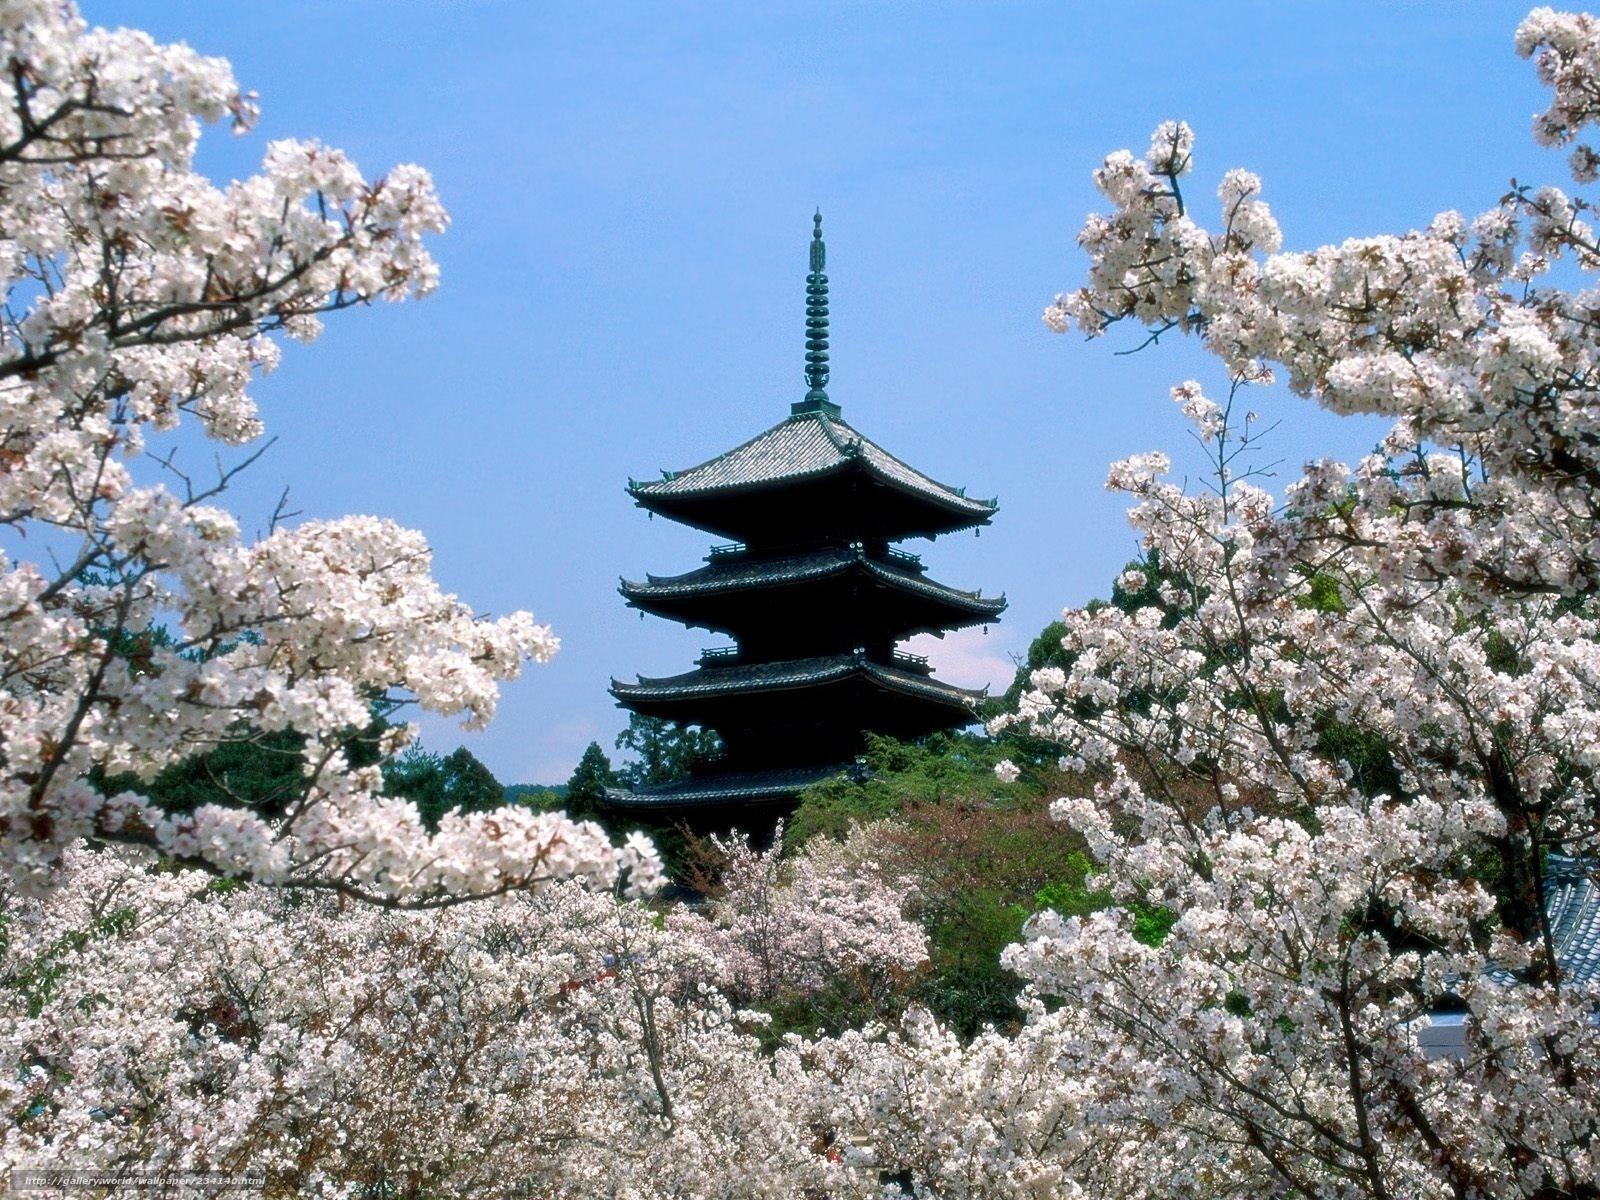 Скачать обои япония,   пагода,   храм,   весна бесплатно для рабочего стола в разрешении 1600x1200 — картинка №234140